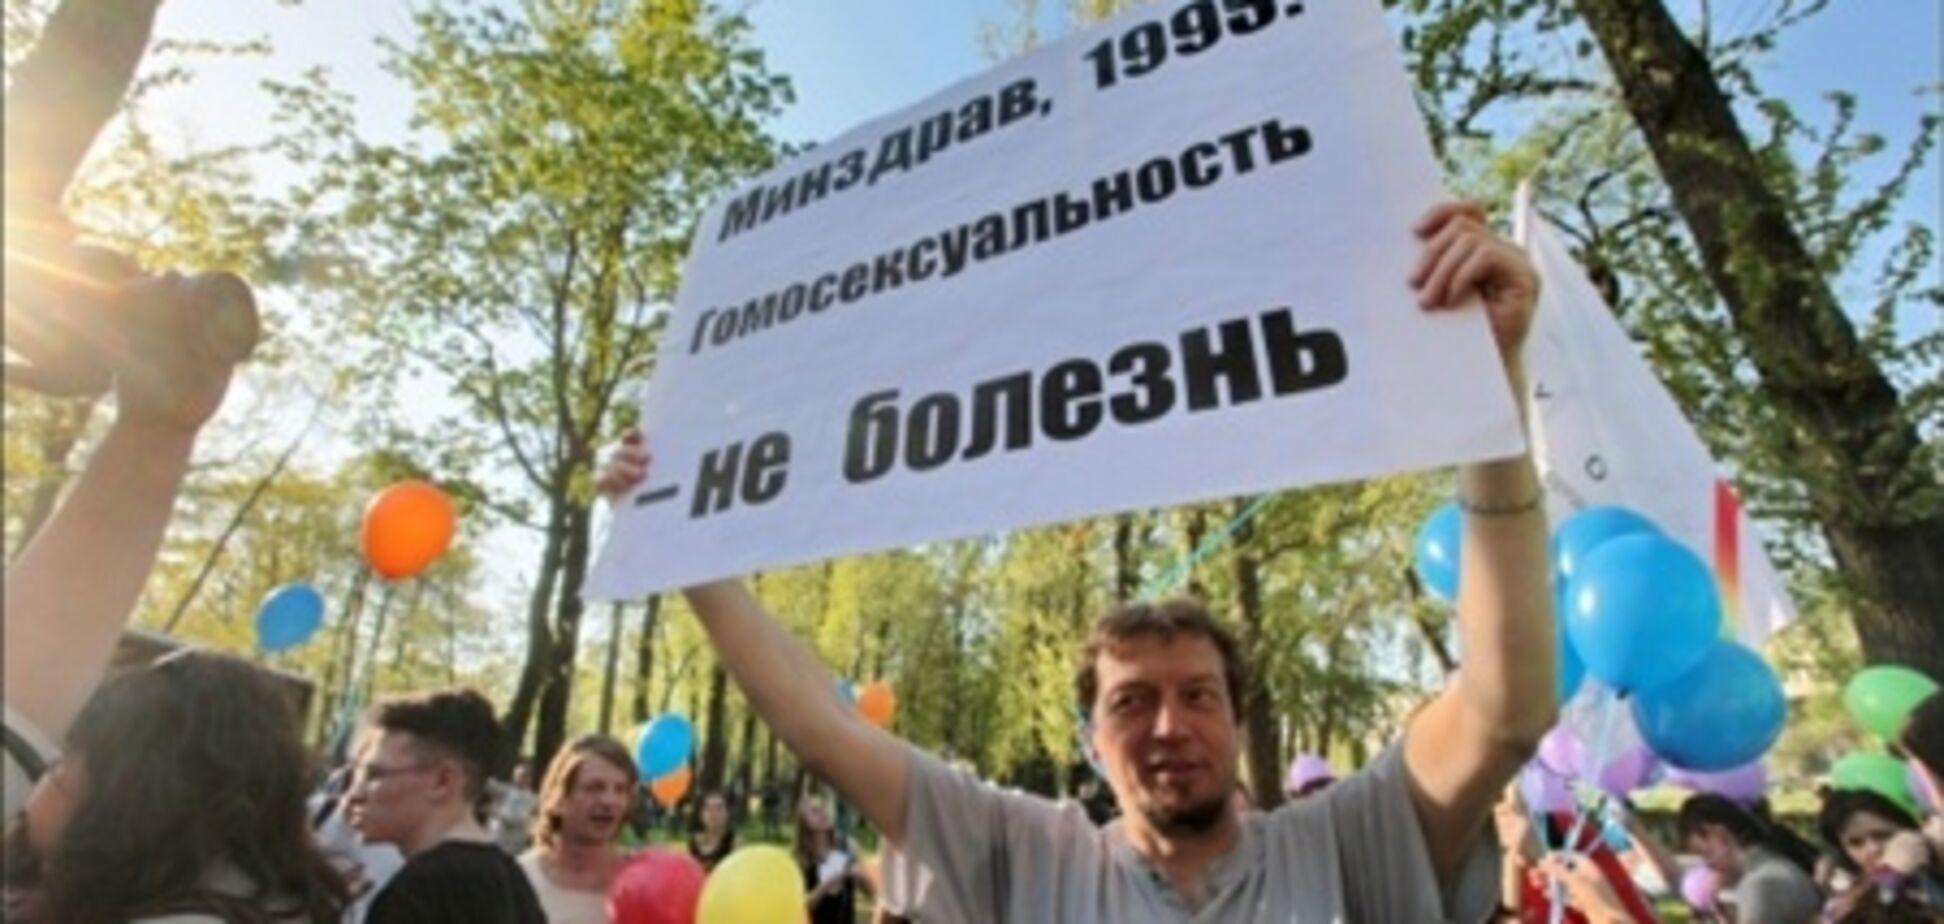 В Петербурге расстреляли участника гей-парада